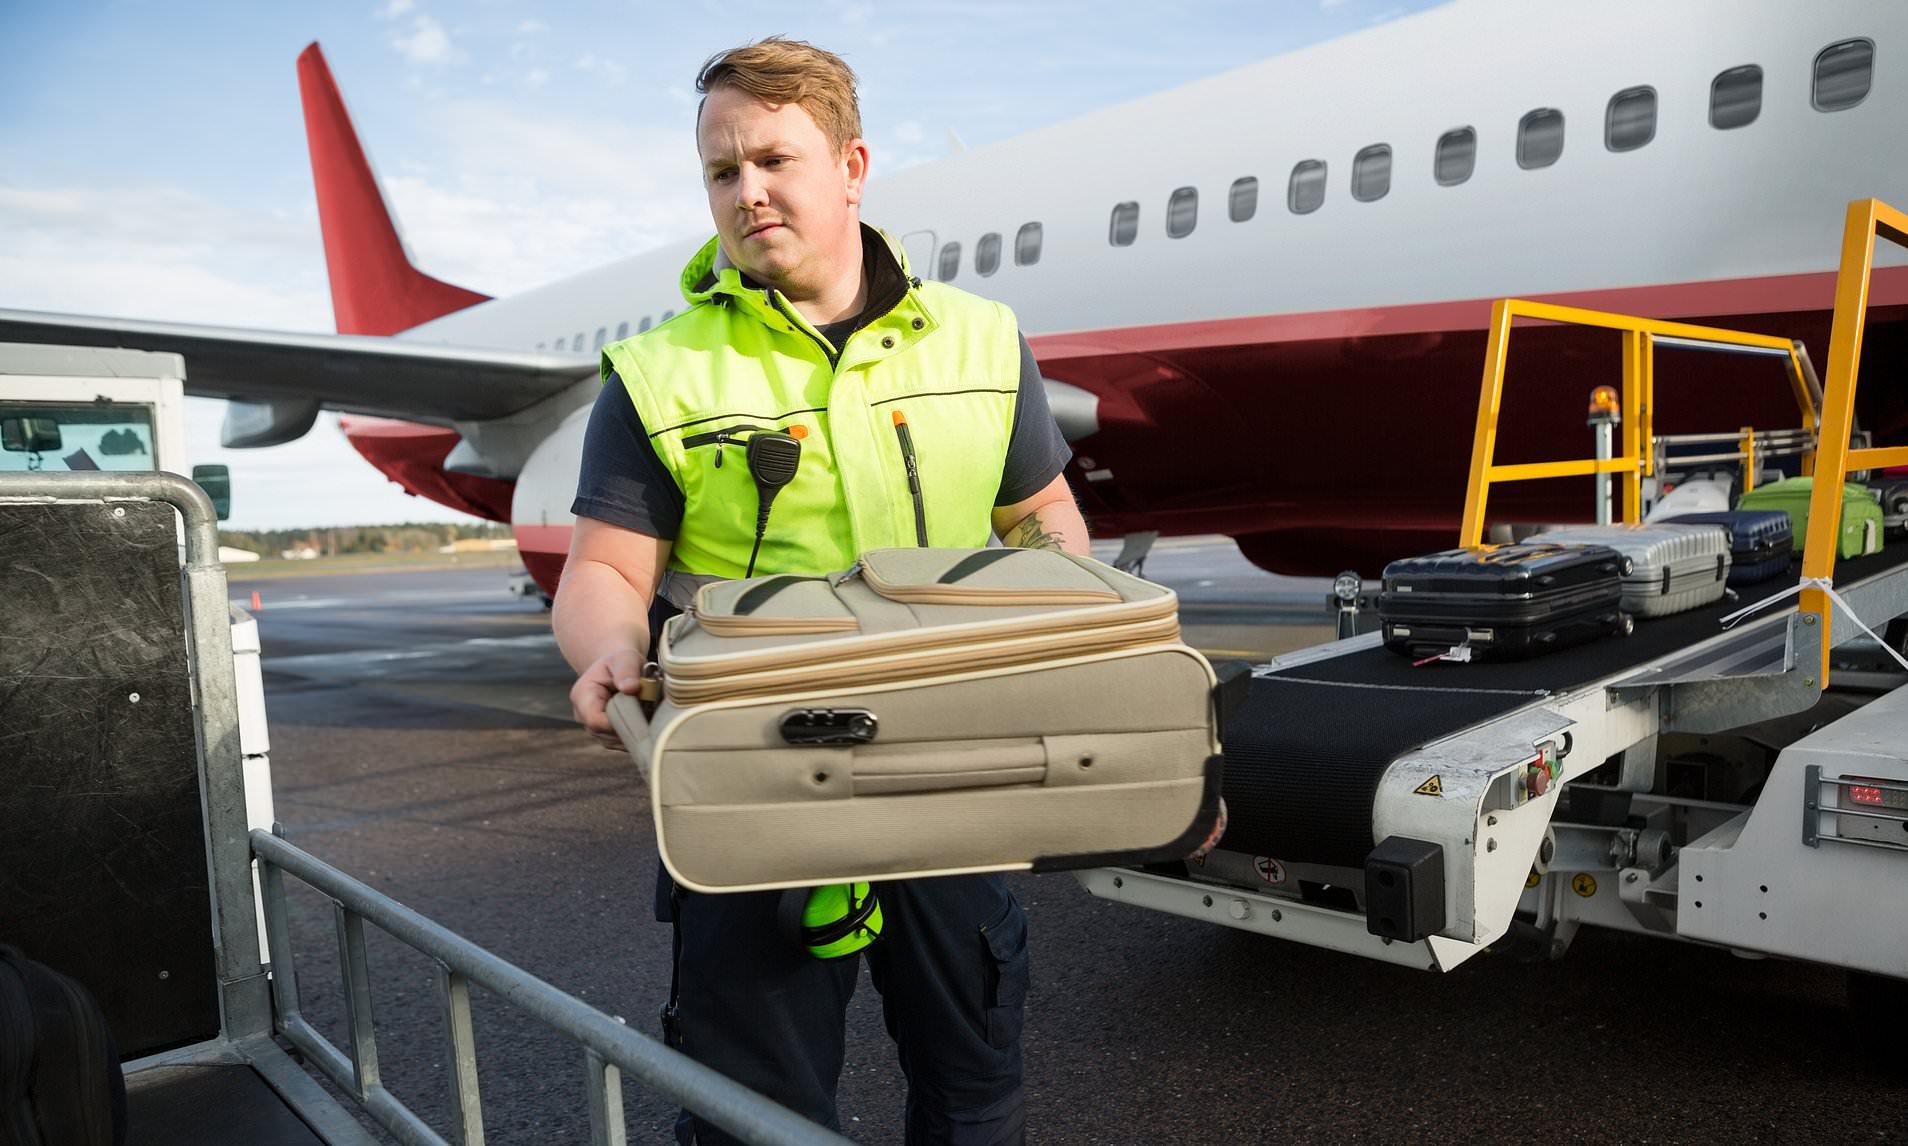 Dall'America alla Sicilia con quasi 20mila euro, fermato in aeroporto: maxi multa per il turista